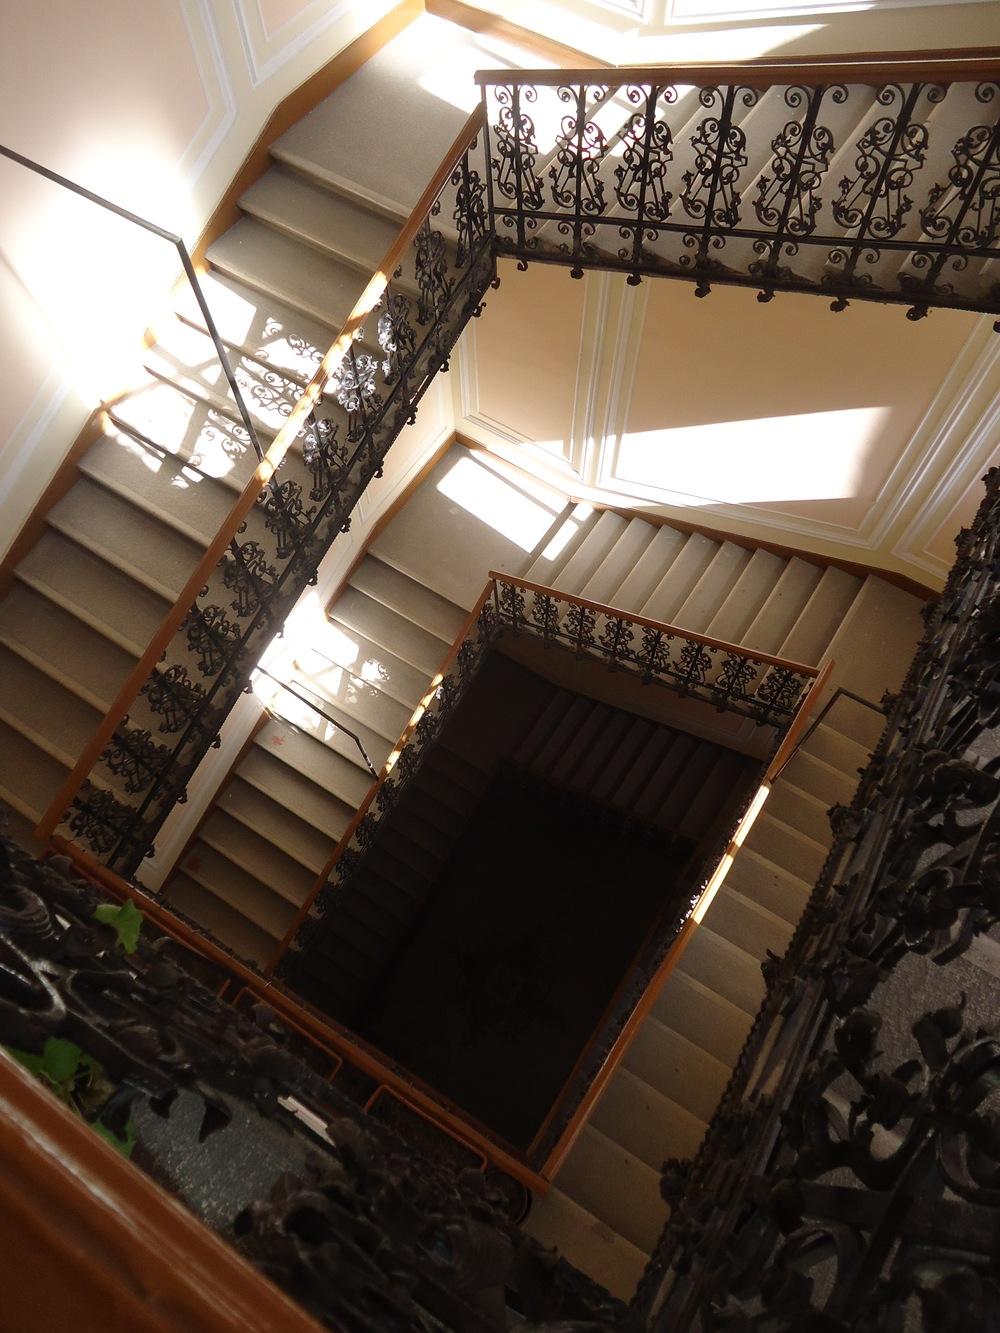 036stairway.jpg